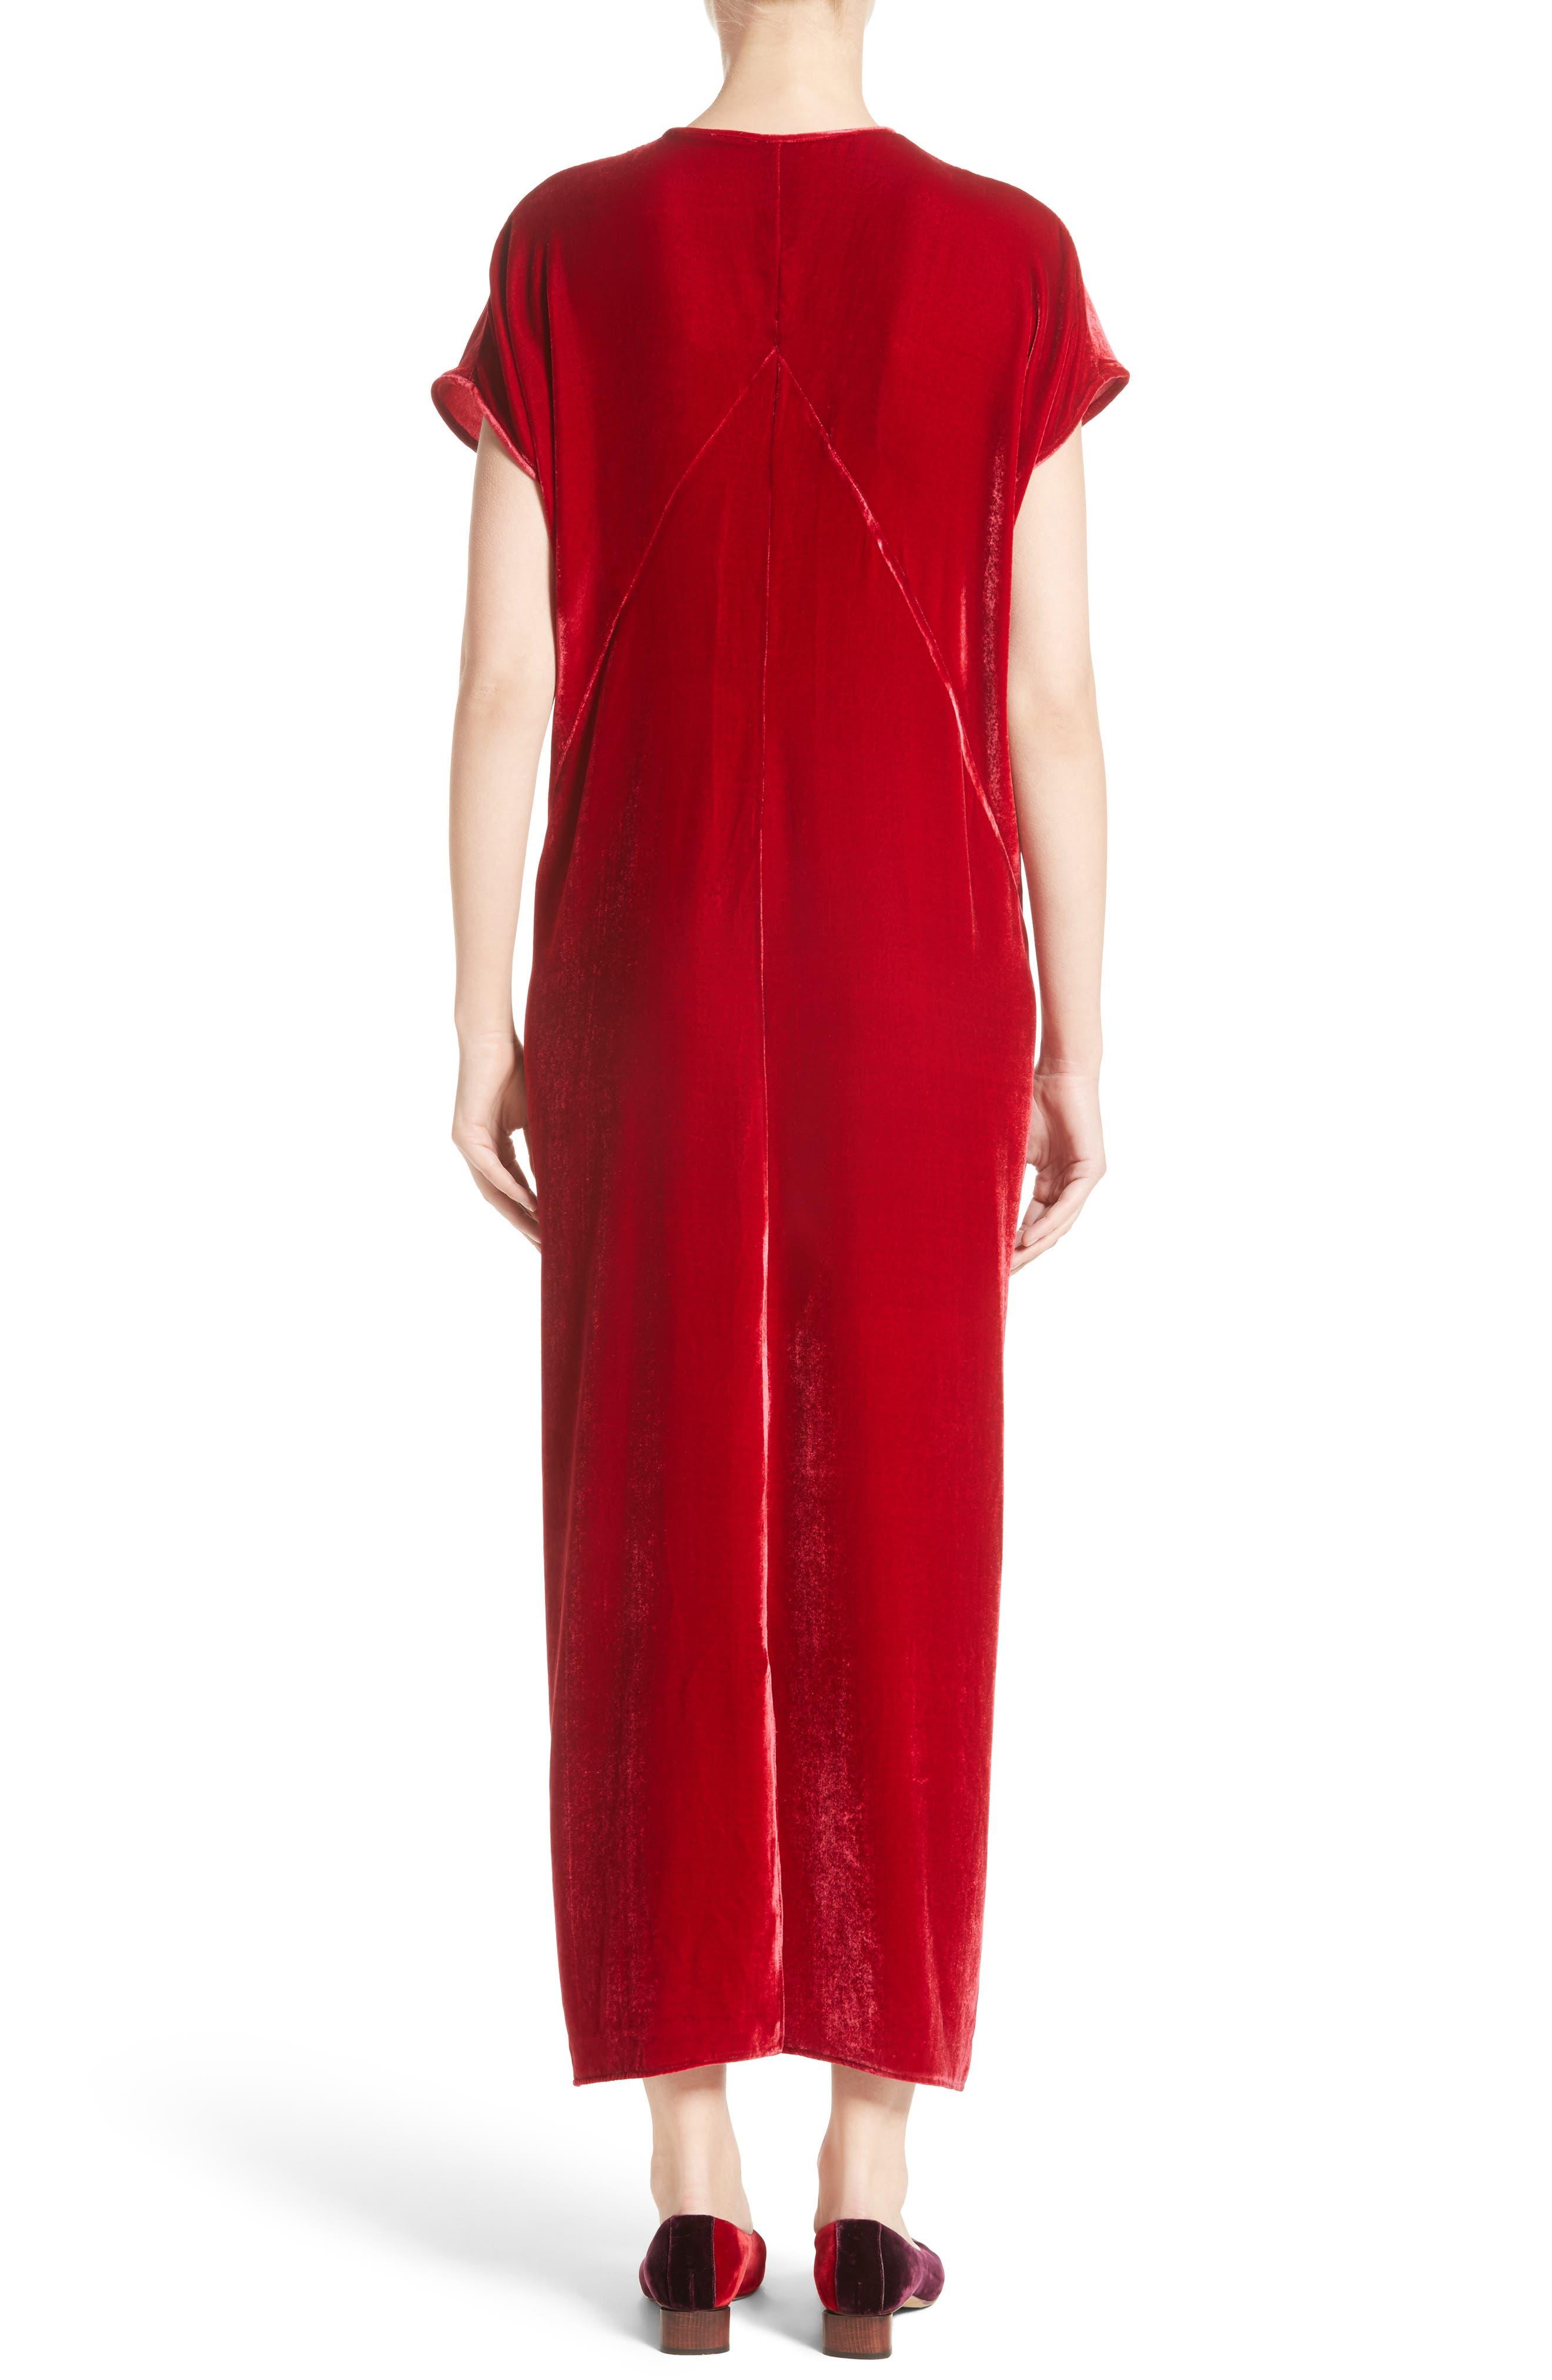 Sana Velvet Dress,                             Alternate thumbnail 2, color,                             600